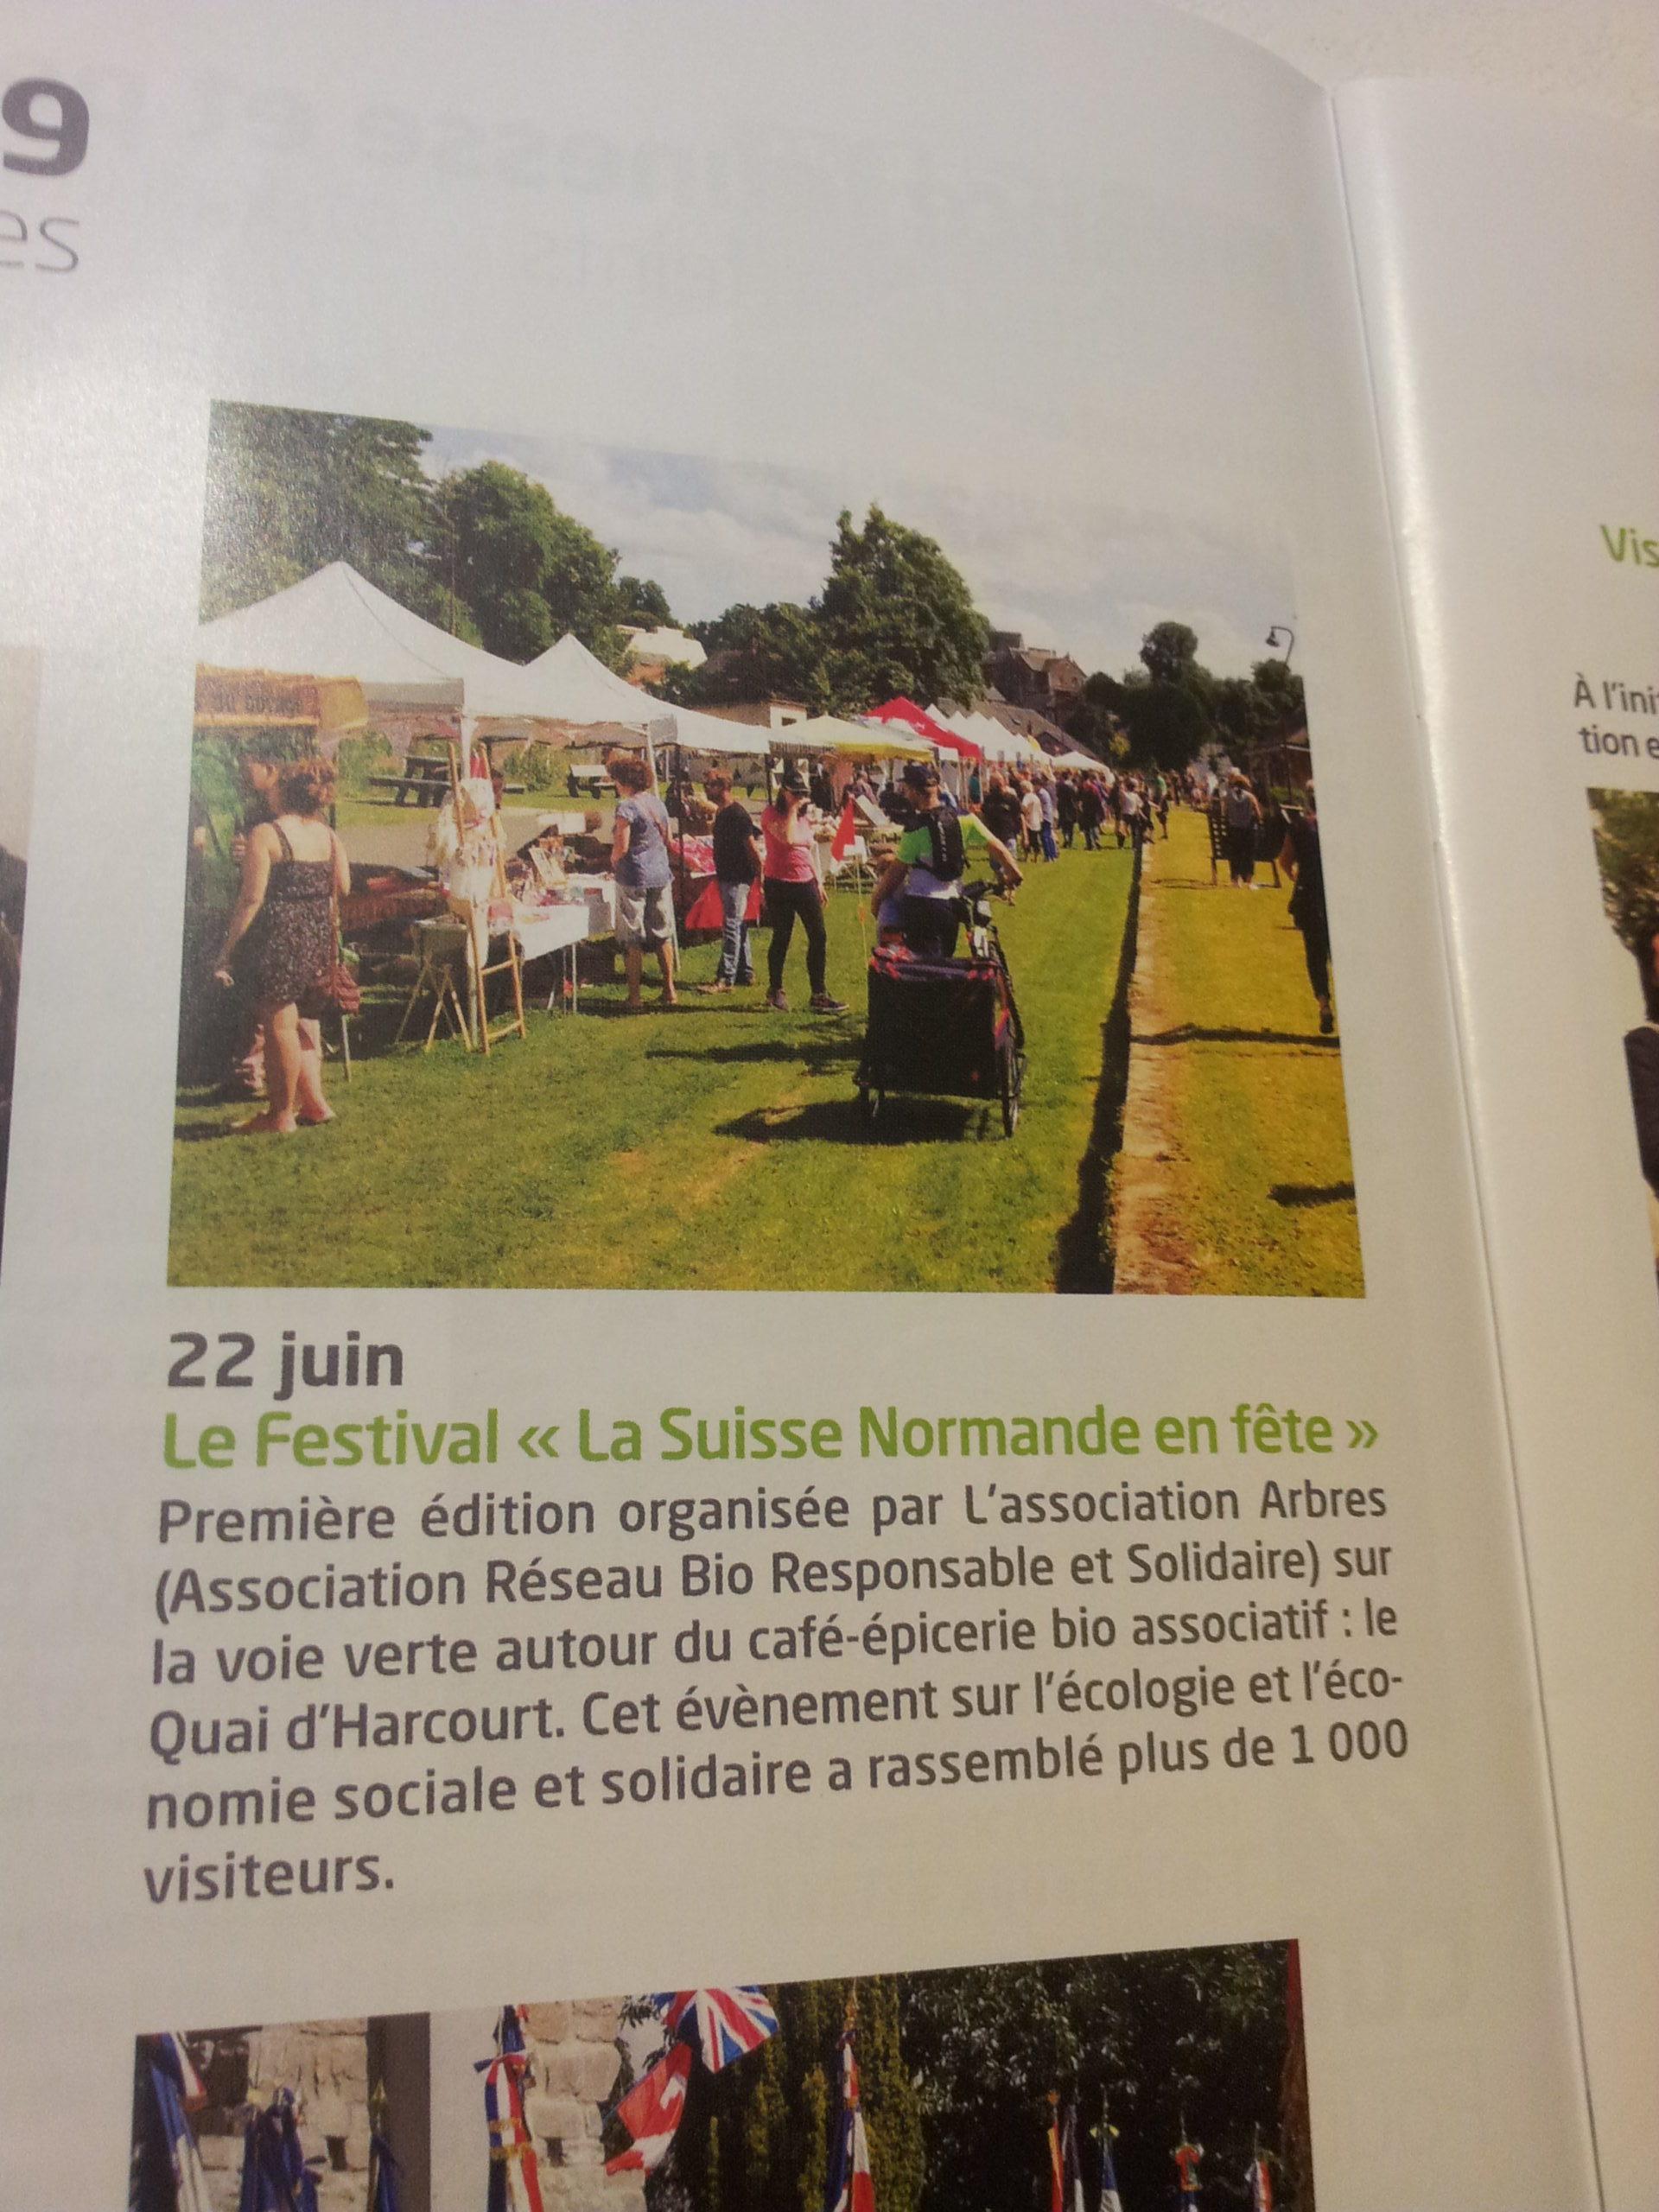 Festival 22 juin